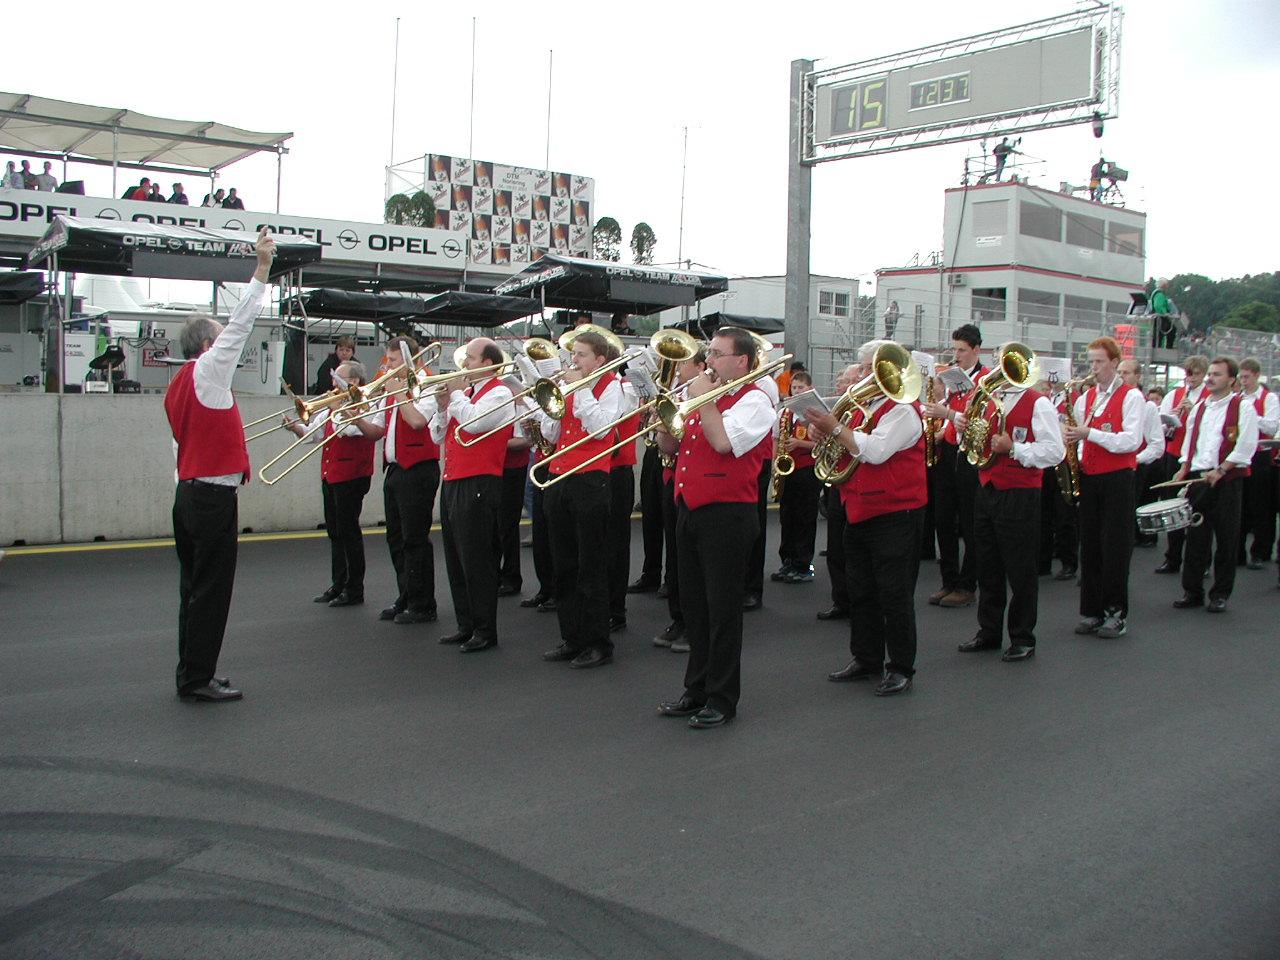 Norisring 2002